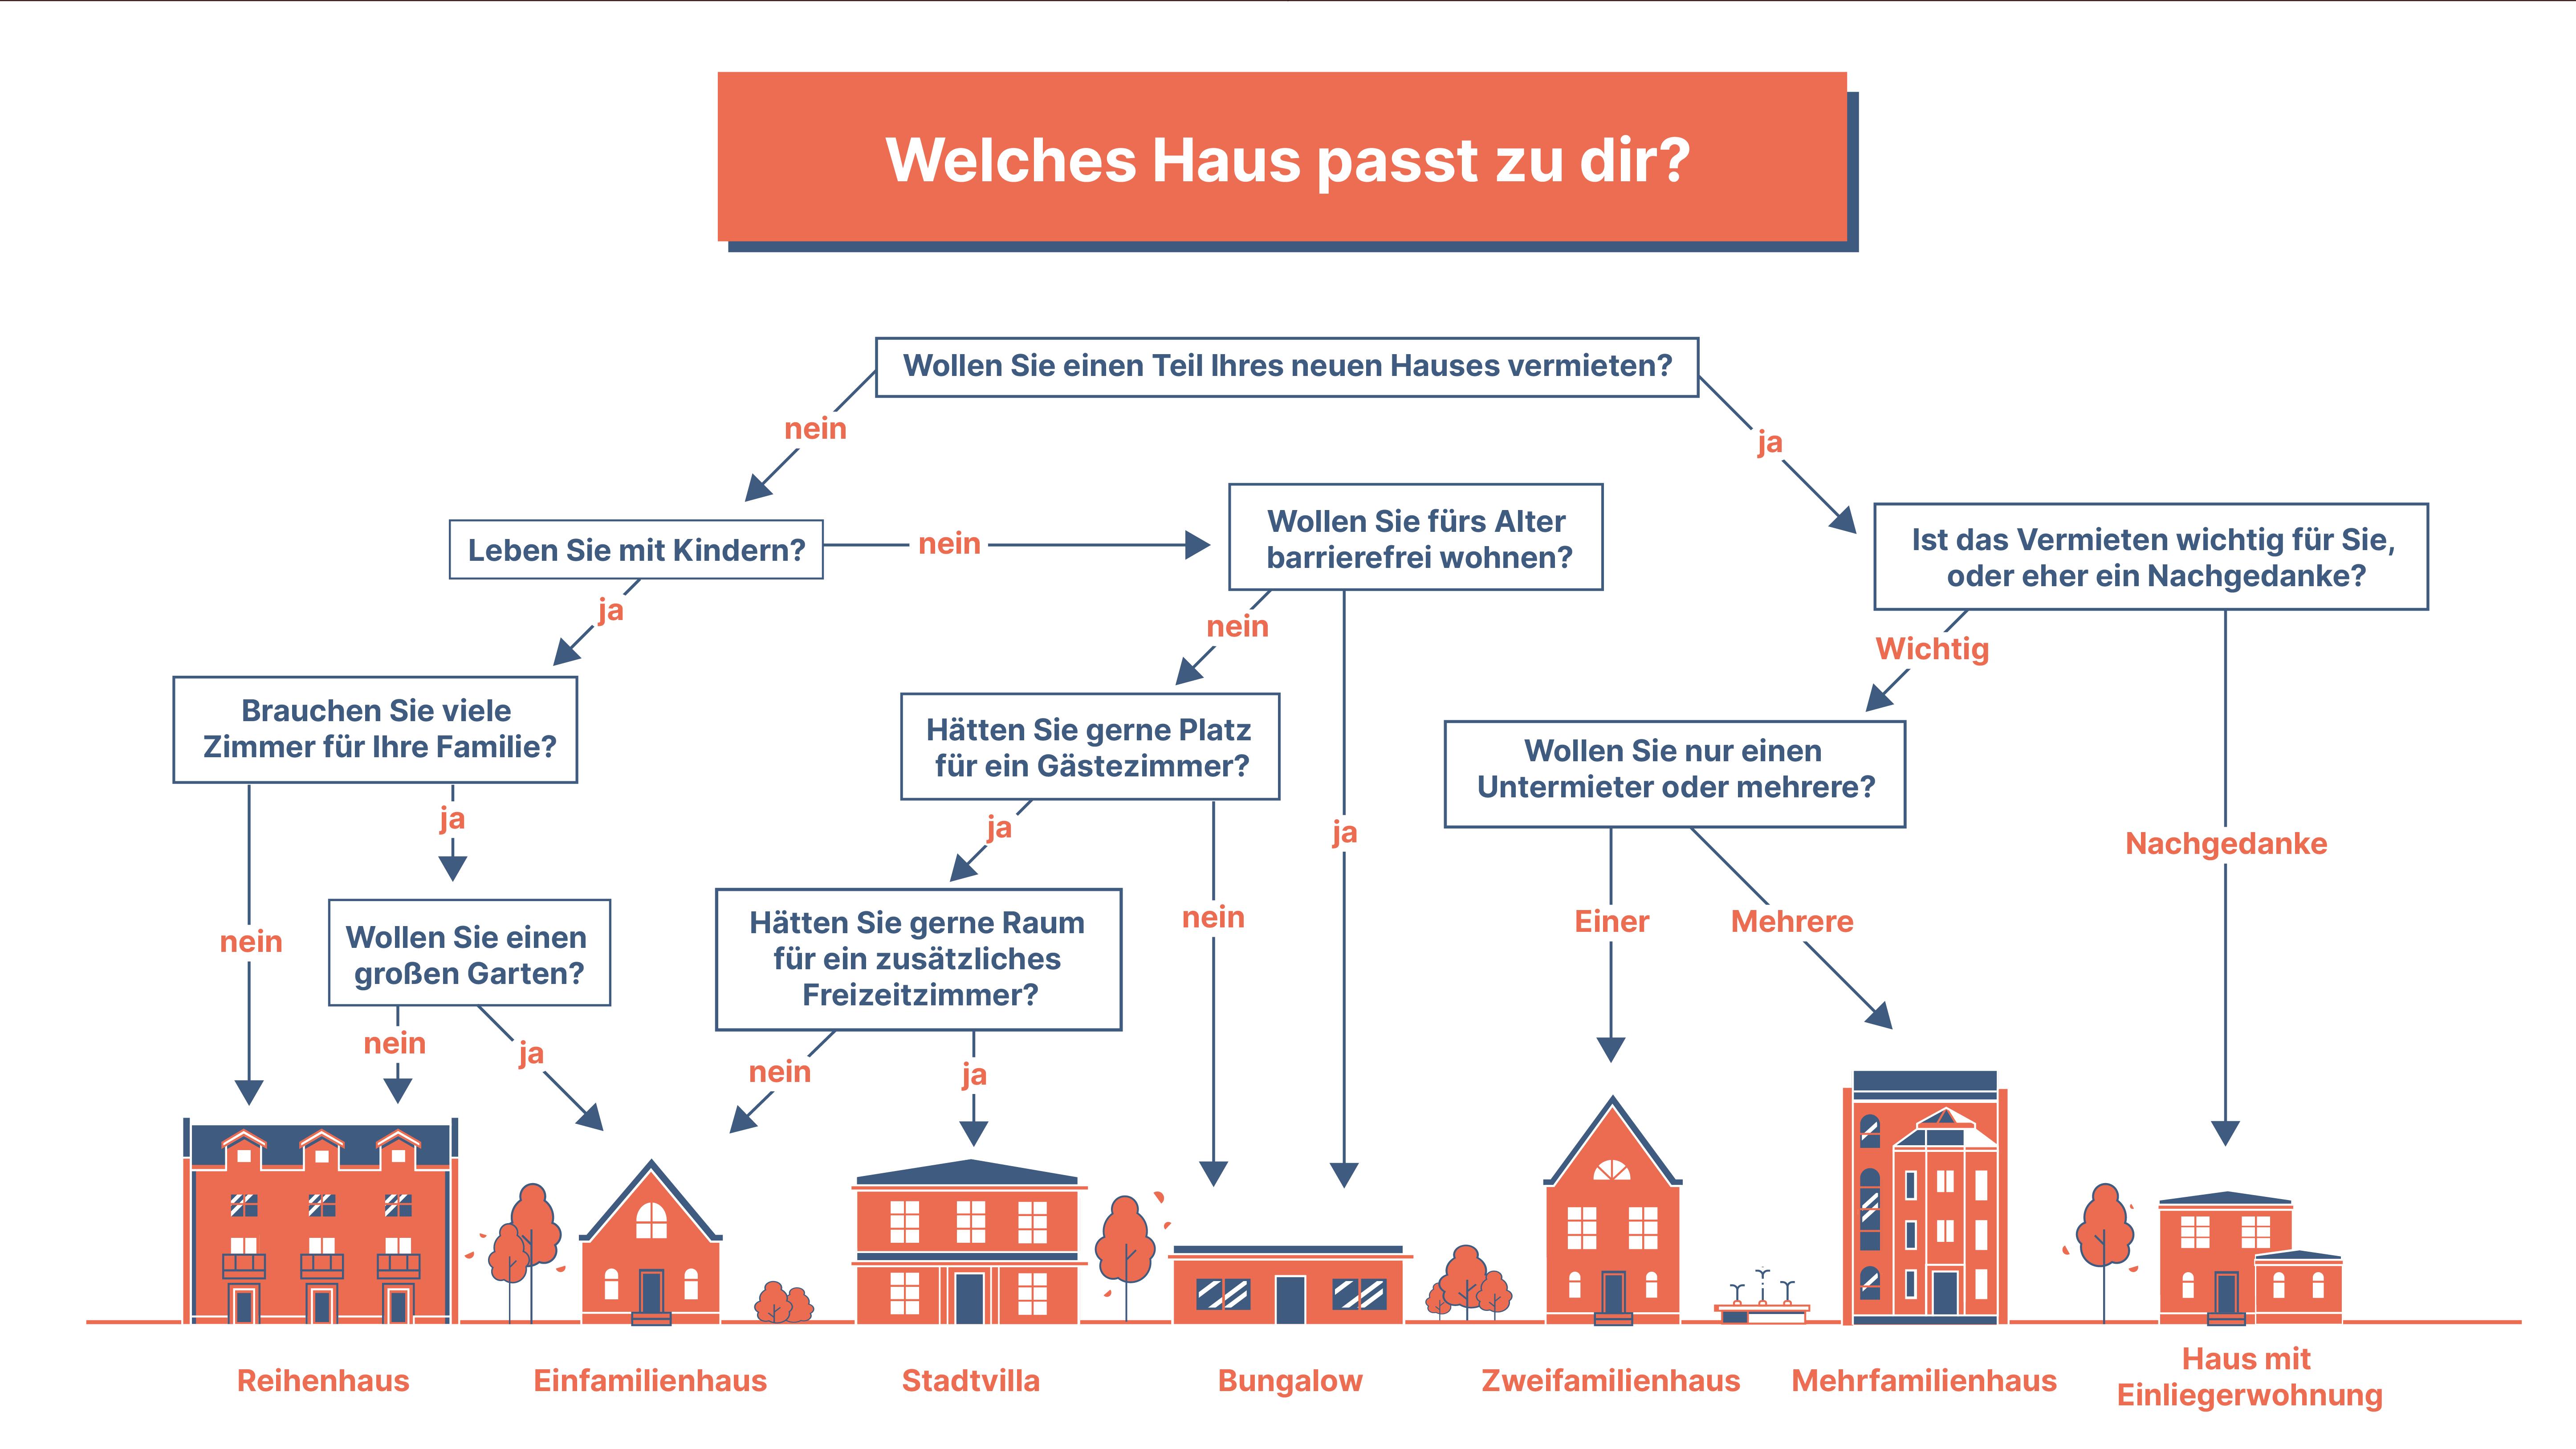 Infografik - Welches Haus passt zu dir von www.baufinanzierung-regio.de